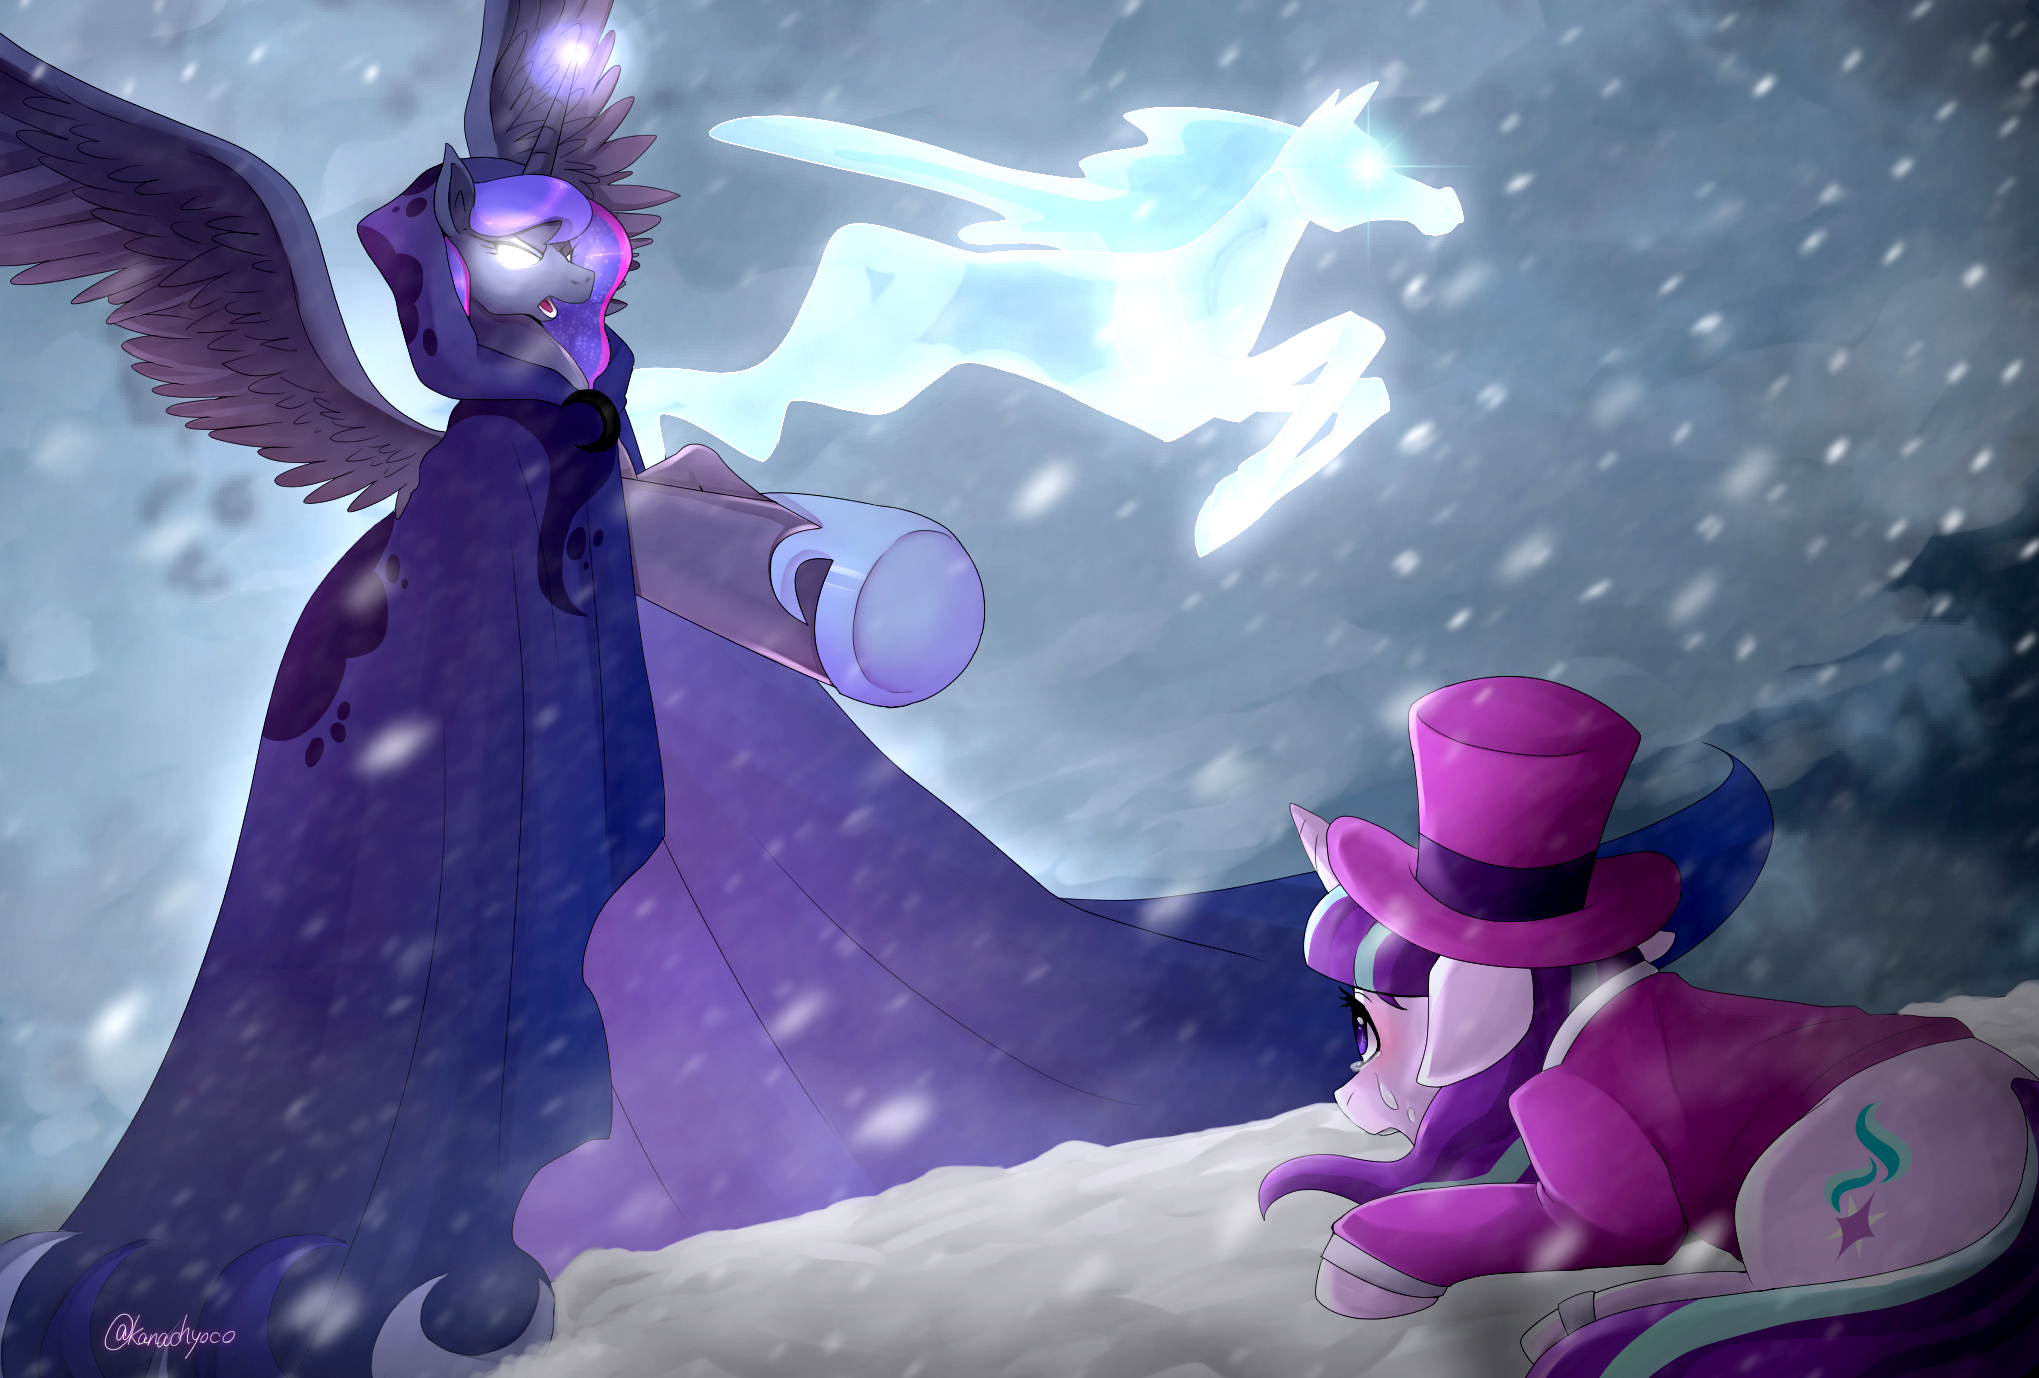 Немного поне песенок! Luna's Future (Snowfall Frost). - Изображение 1